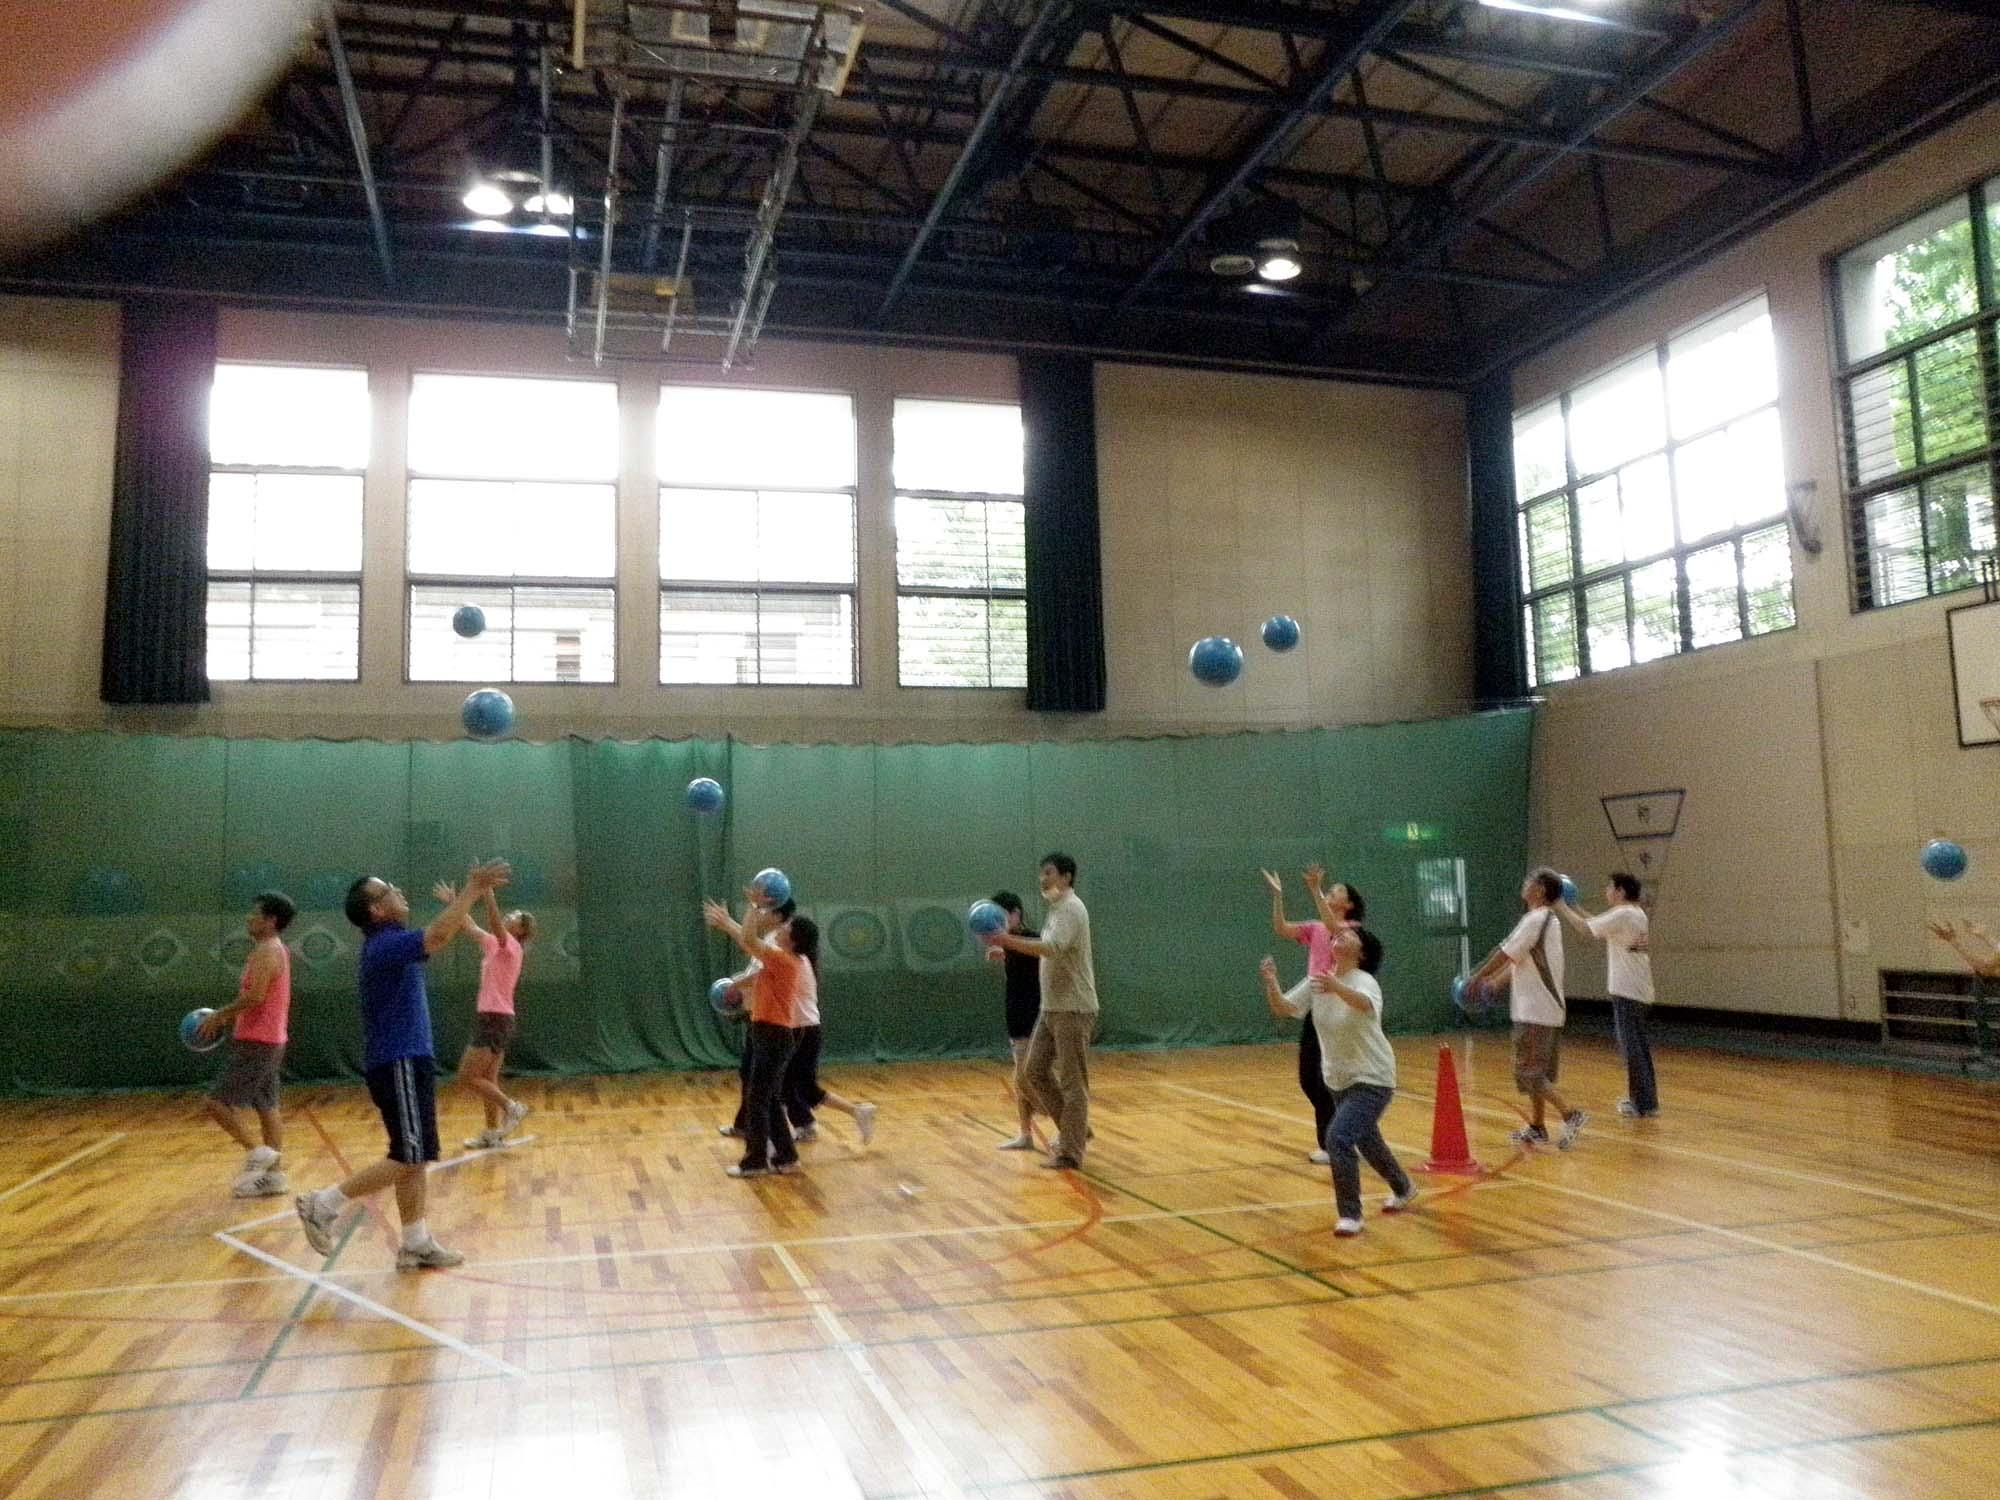 P6130130 - リズム体操教室より ・・・リズムに合わせて楽しく体を動かしています